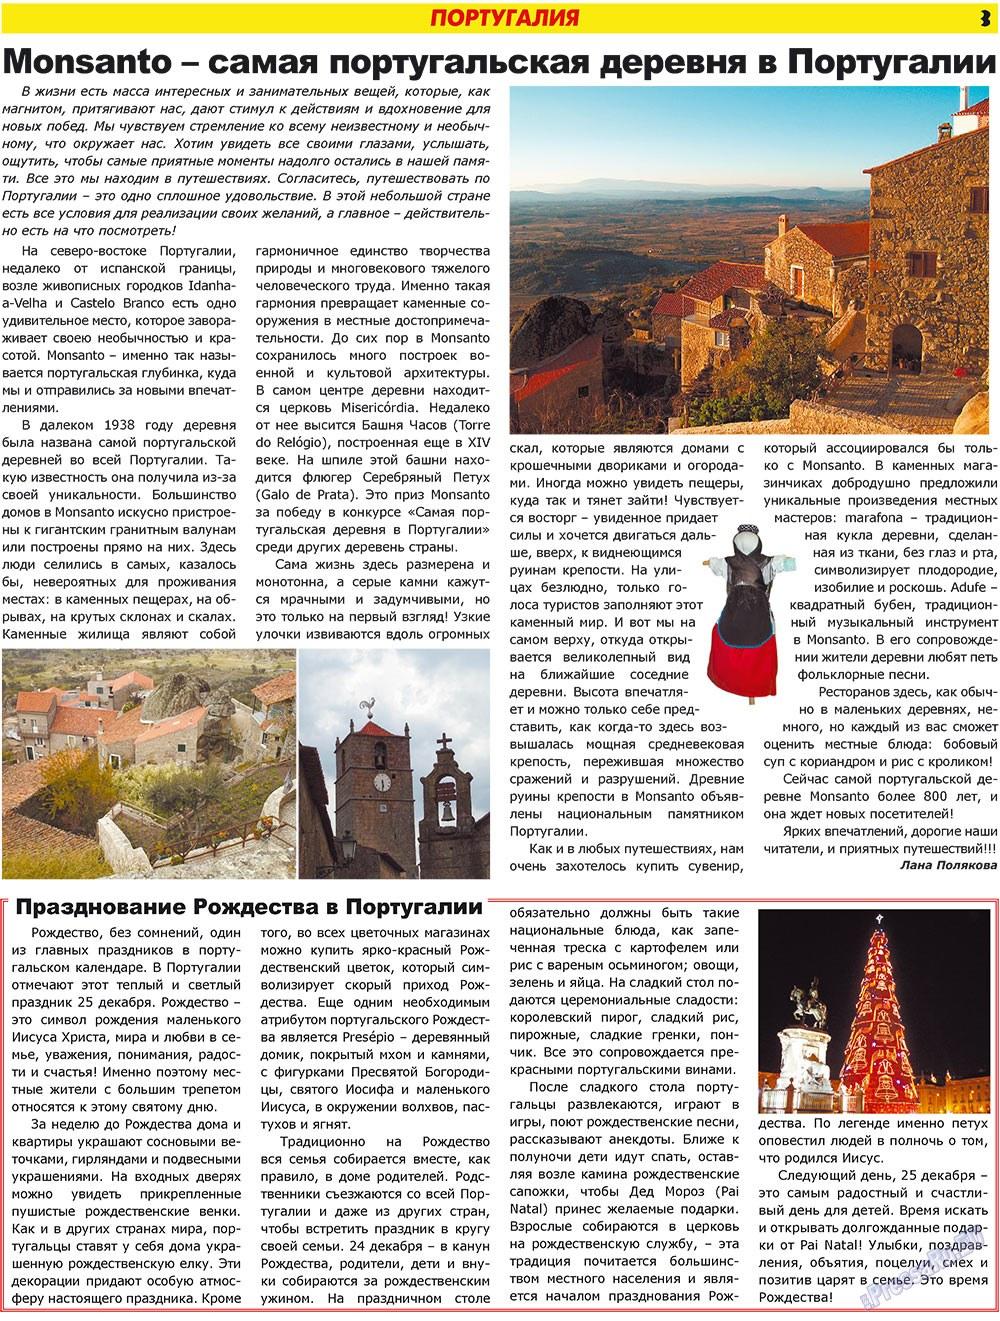 Forum Plus (газета). 2009 год, номер 4, стр. 3